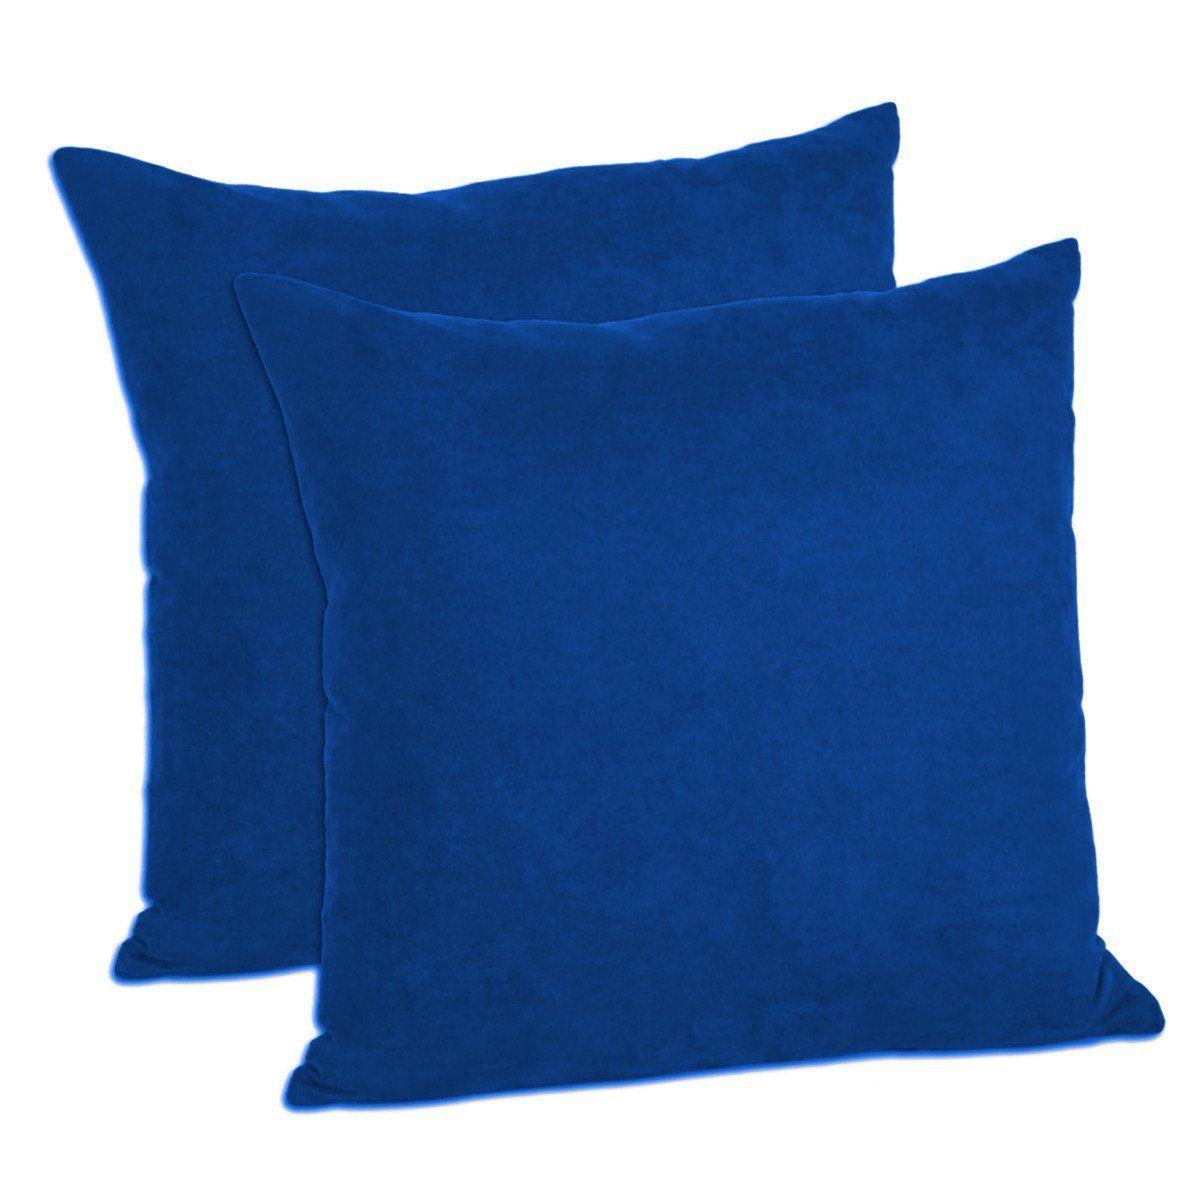 MoonRest - Faux Suede Decorative Pillow Shams Solid Colors